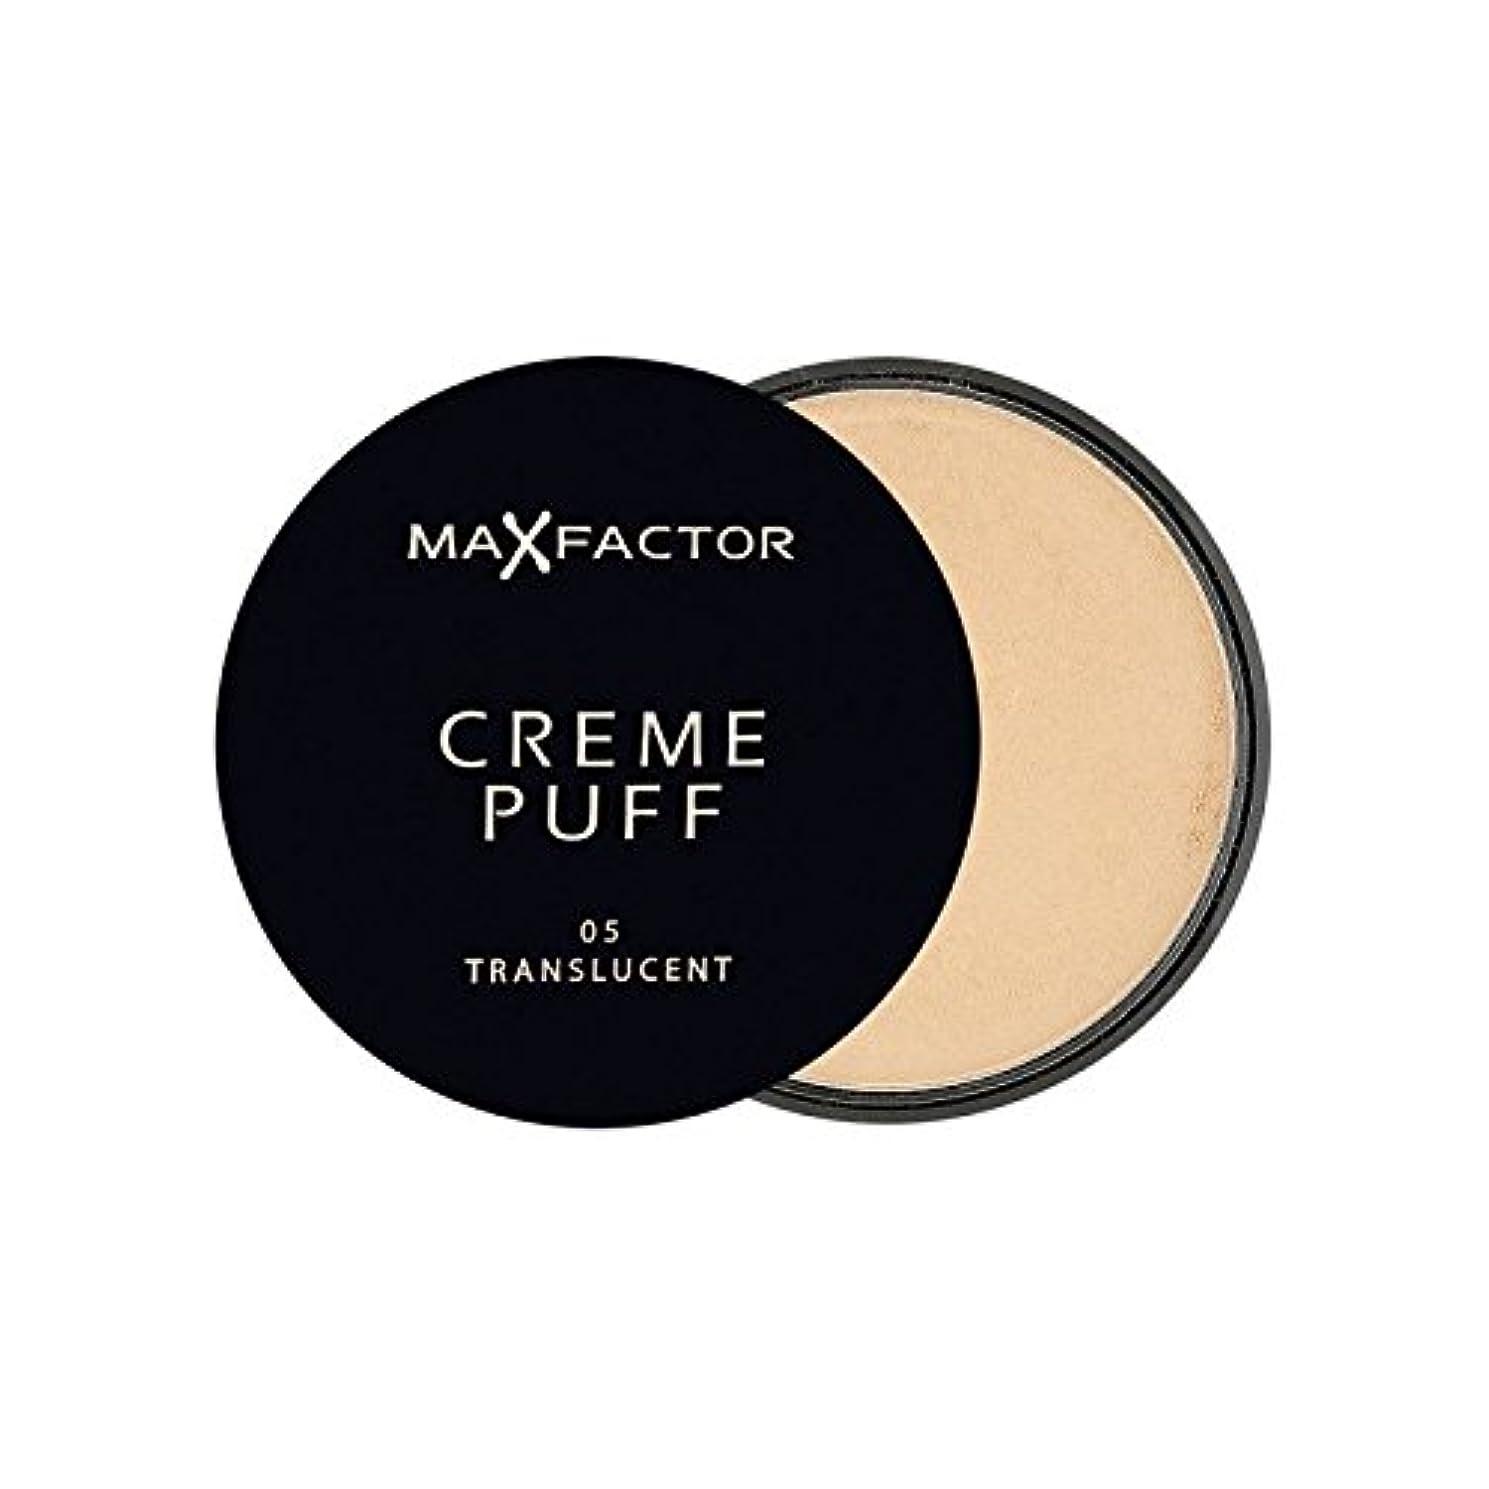 音楽推論おそらくマックスファクタークリームパフパウダーコンパクト半透明5 x4 - Max Factor Creme Puff Powder Compact Translucent 5 (Pack of 4) [並行輸入品]